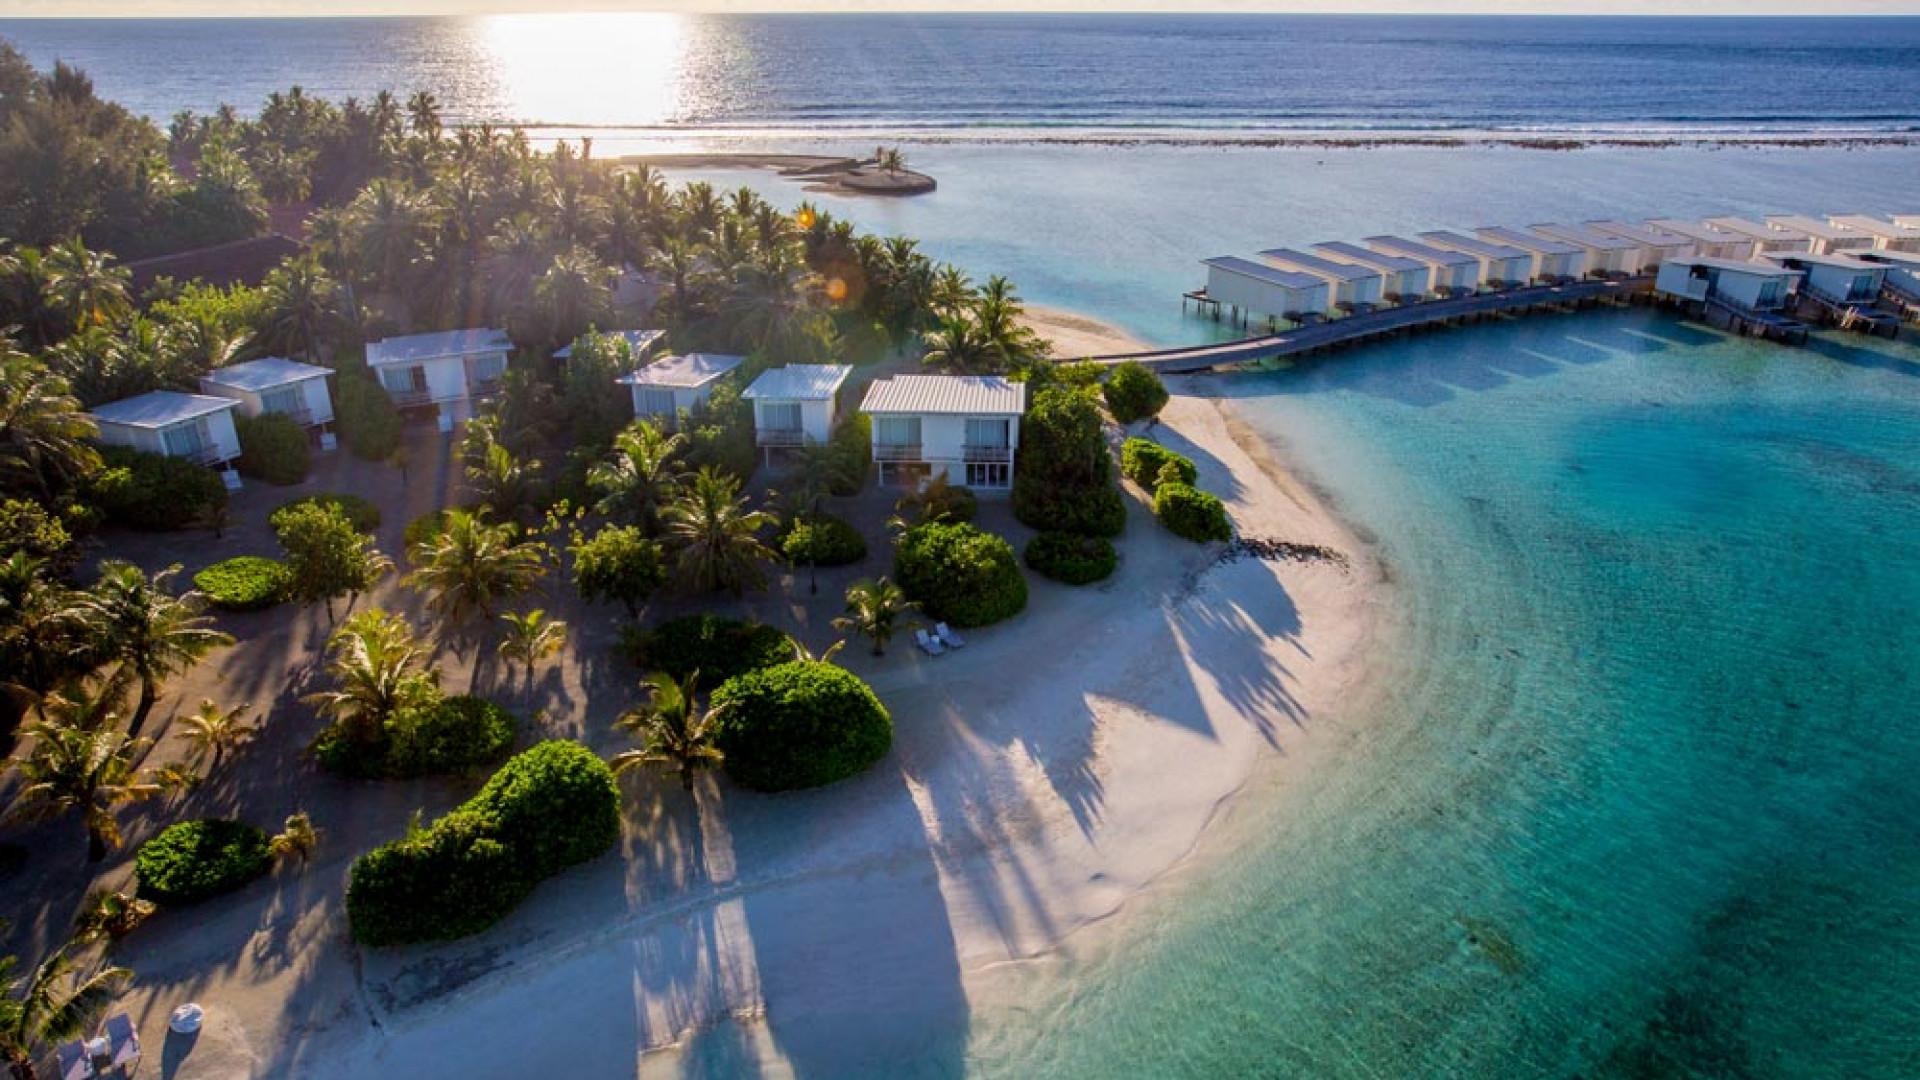 Aerial view of Holiday Inn Kandooma Maldives